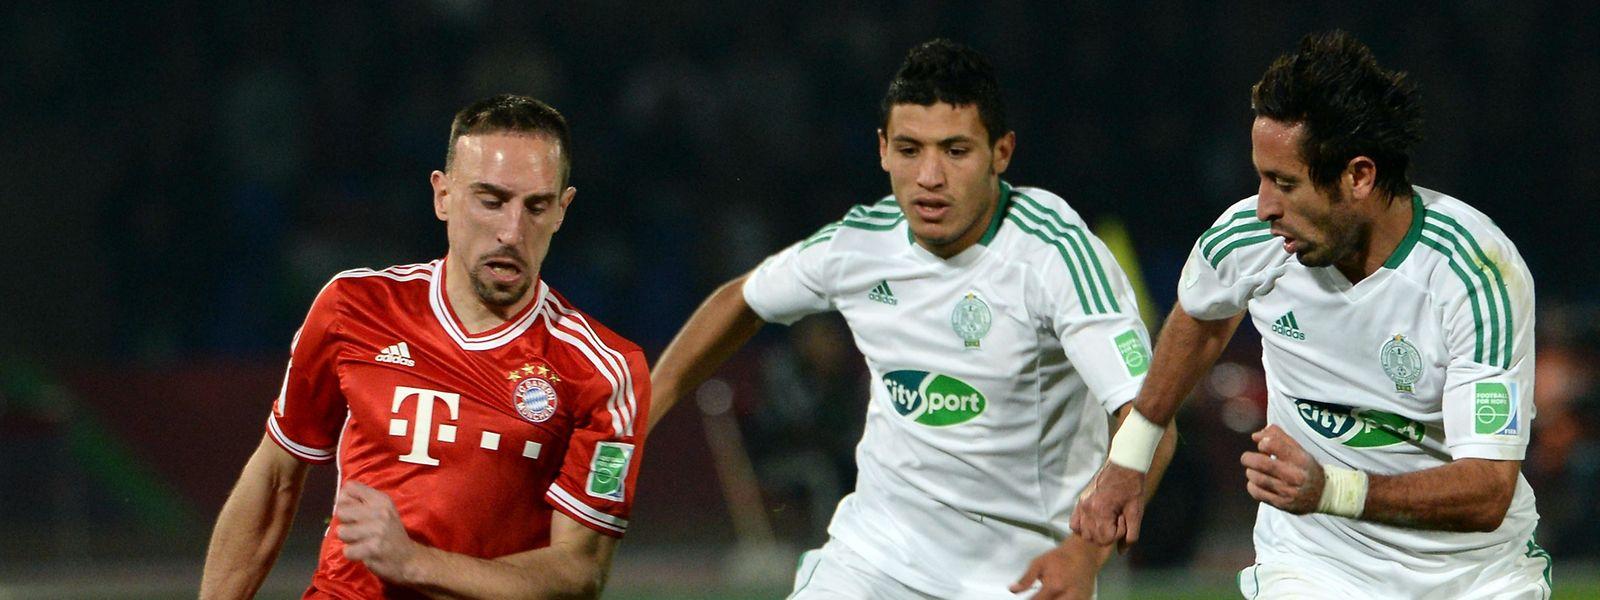 Franck Ribery wechselte nach seinem Abschied bei den Bayern im Sommer 2019 zum AC Florenz und ist derzeit vereinslos.